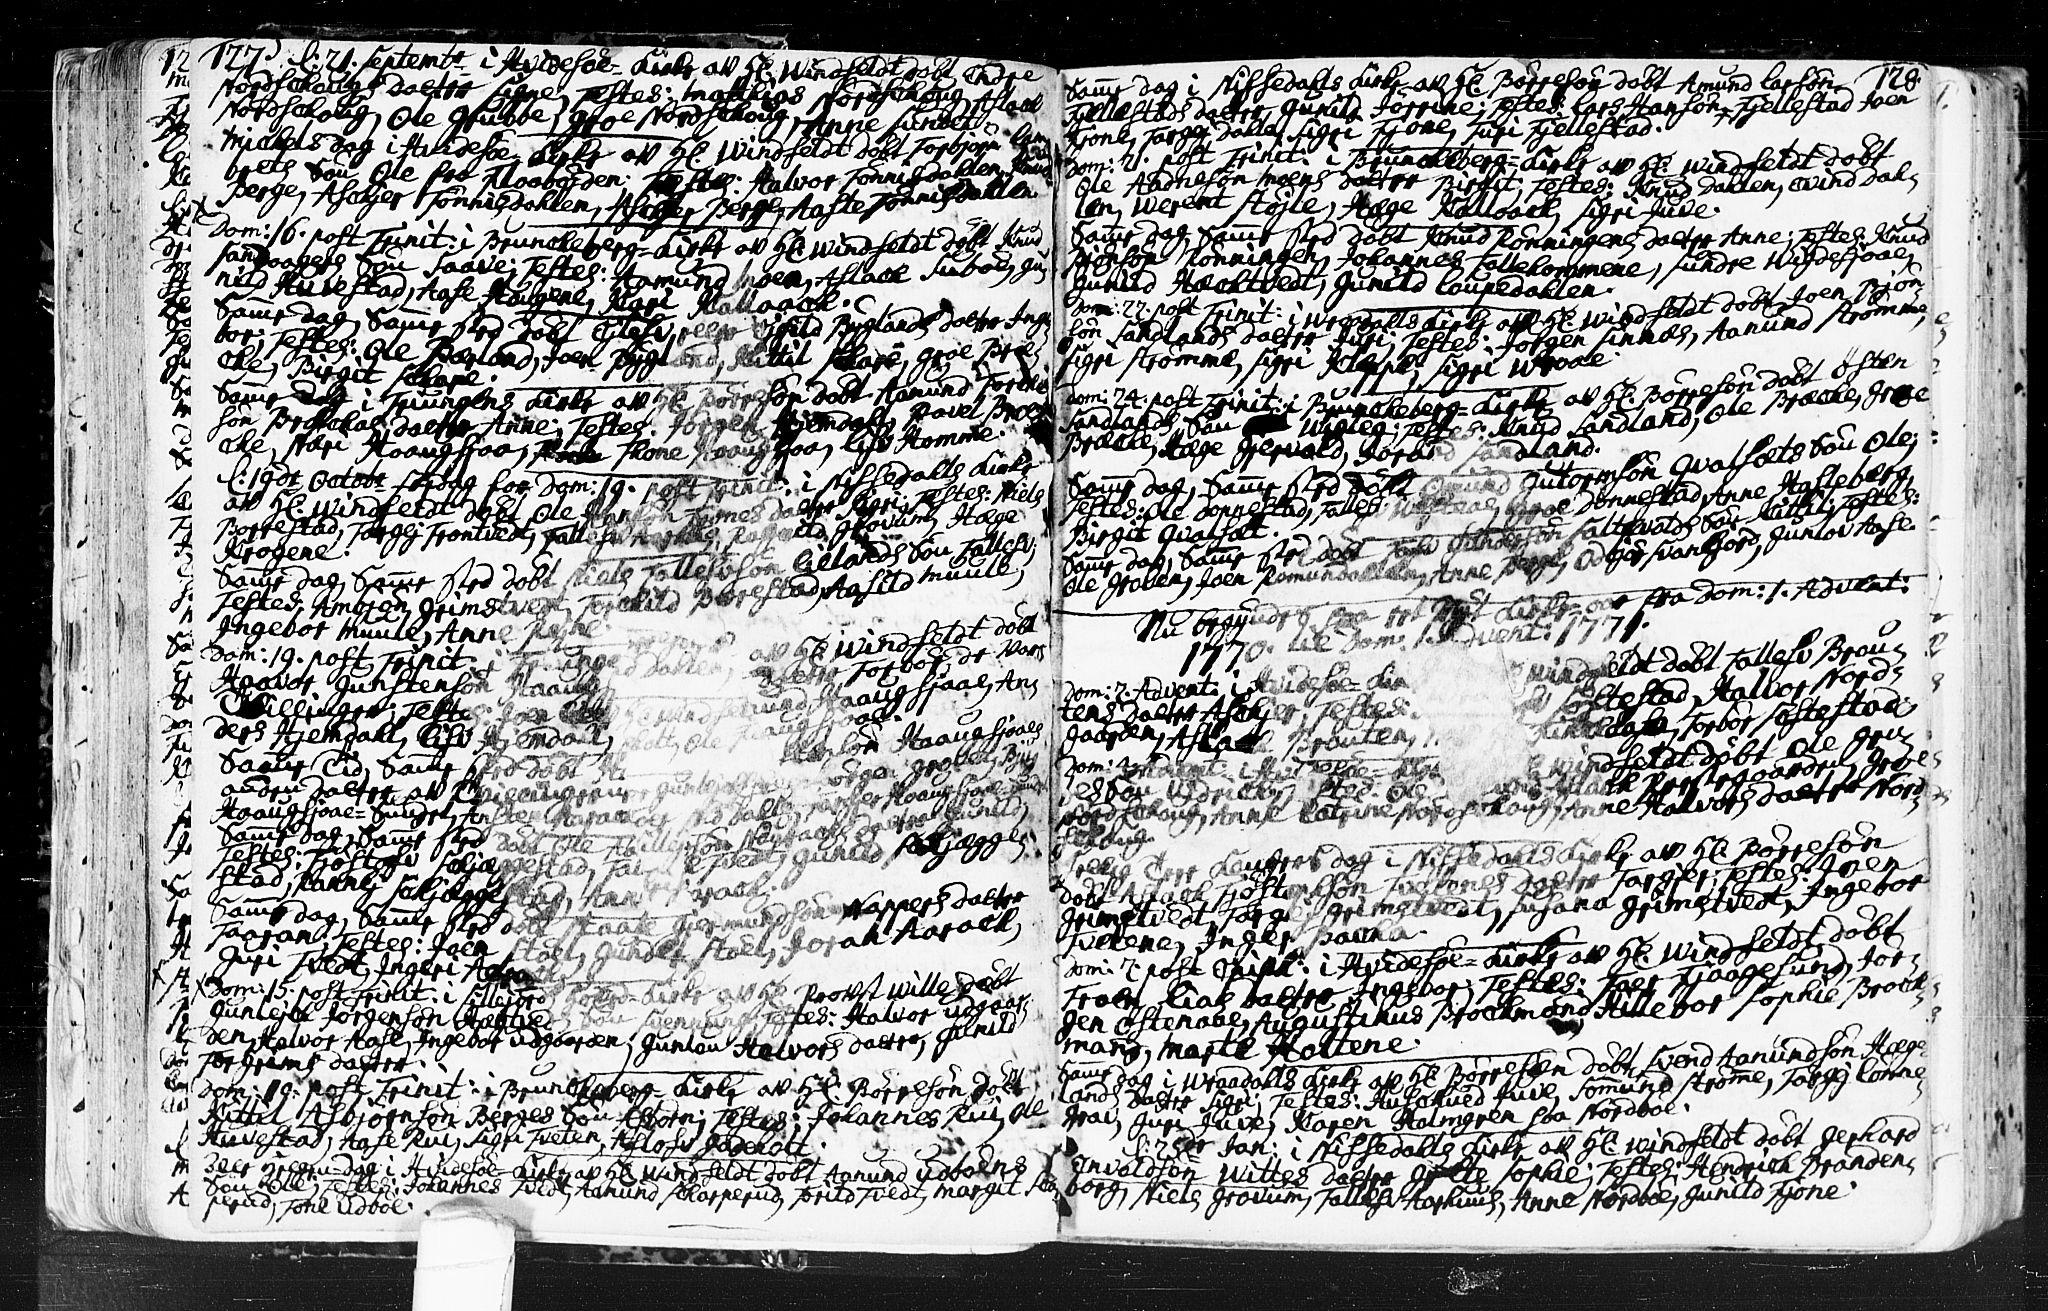 SAKO, Kviteseid kirkebøker, F/Fa/L0001: Ministerialbok nr. I 1, 1754-1773, s. 127-128